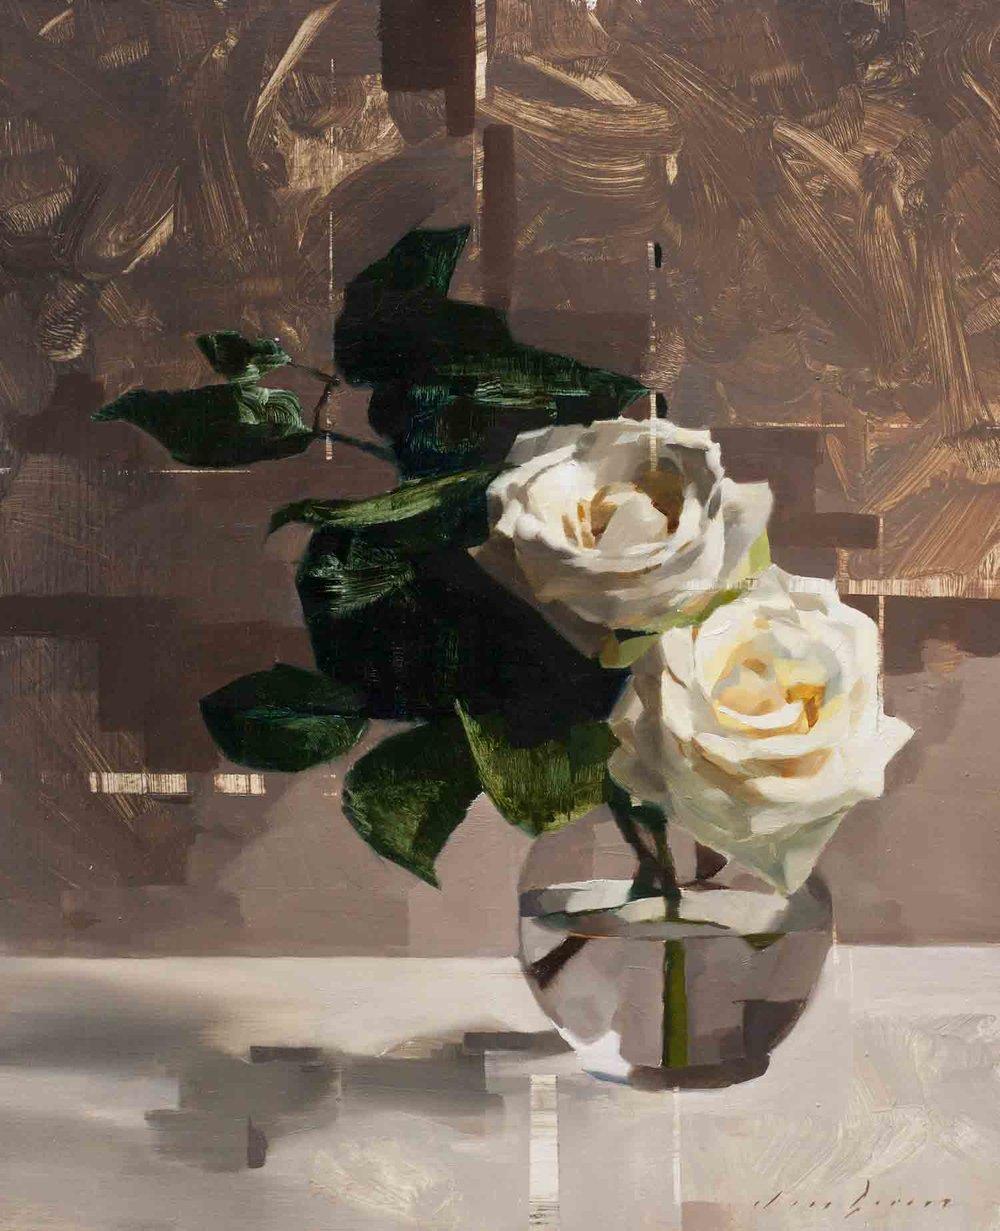 Roses and Shade